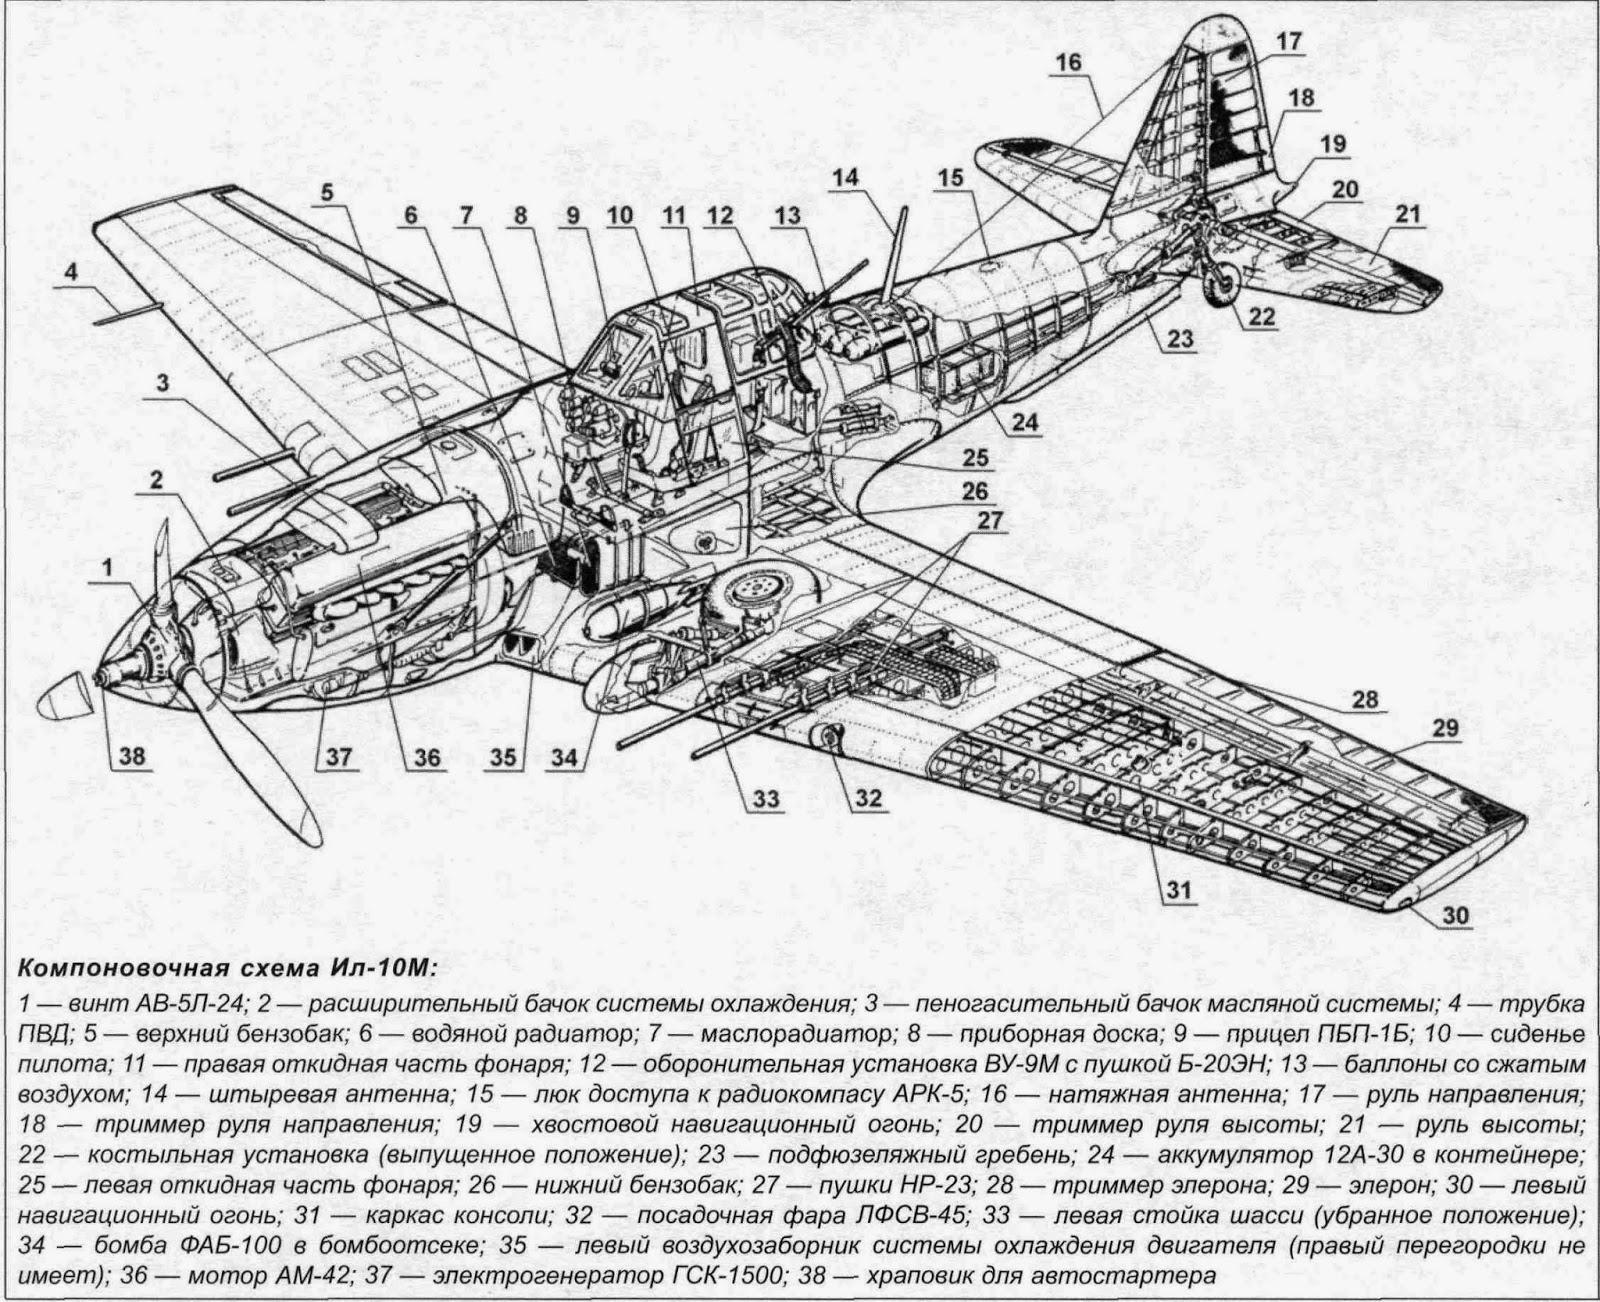 план схема самолетов второй мировой войны